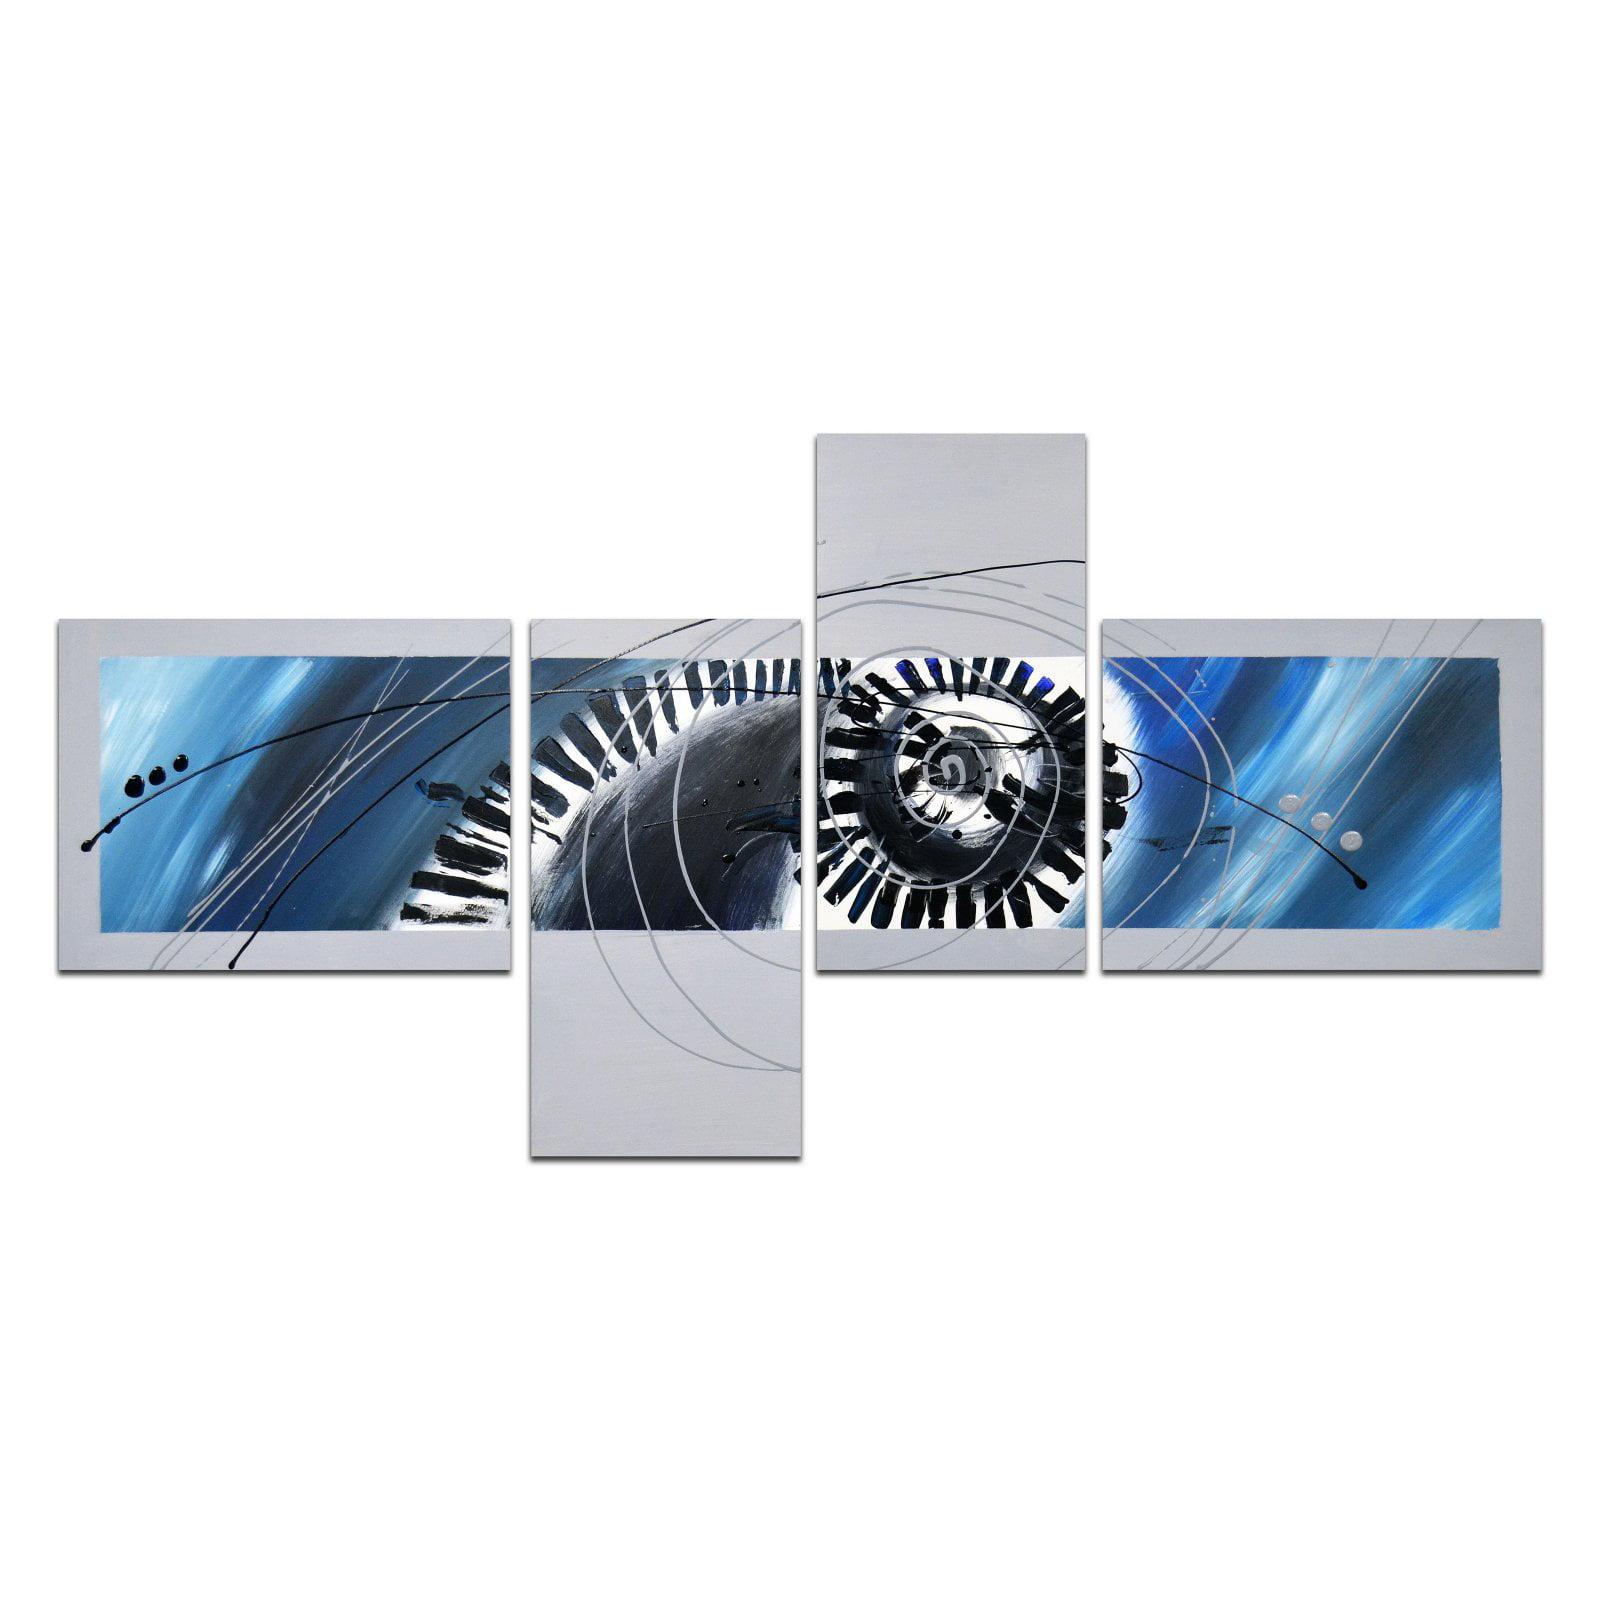 OMAX Decor Spiraling Circles Wall Art - Set of 4